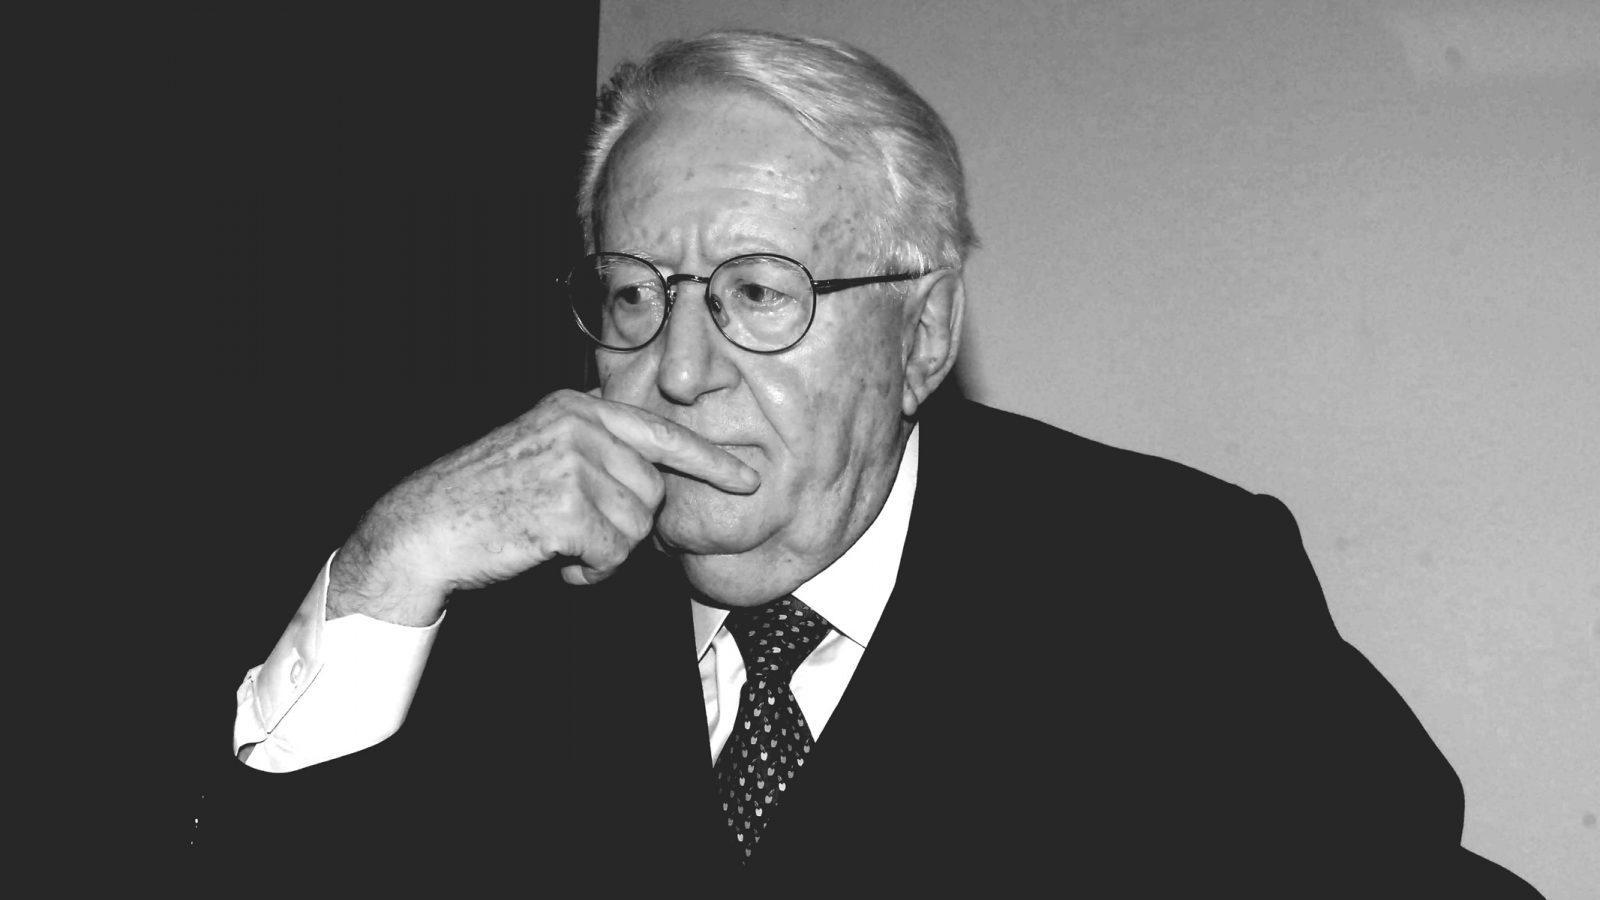 Giuseppe Zamberletti (fonte: Imagoeconomica)